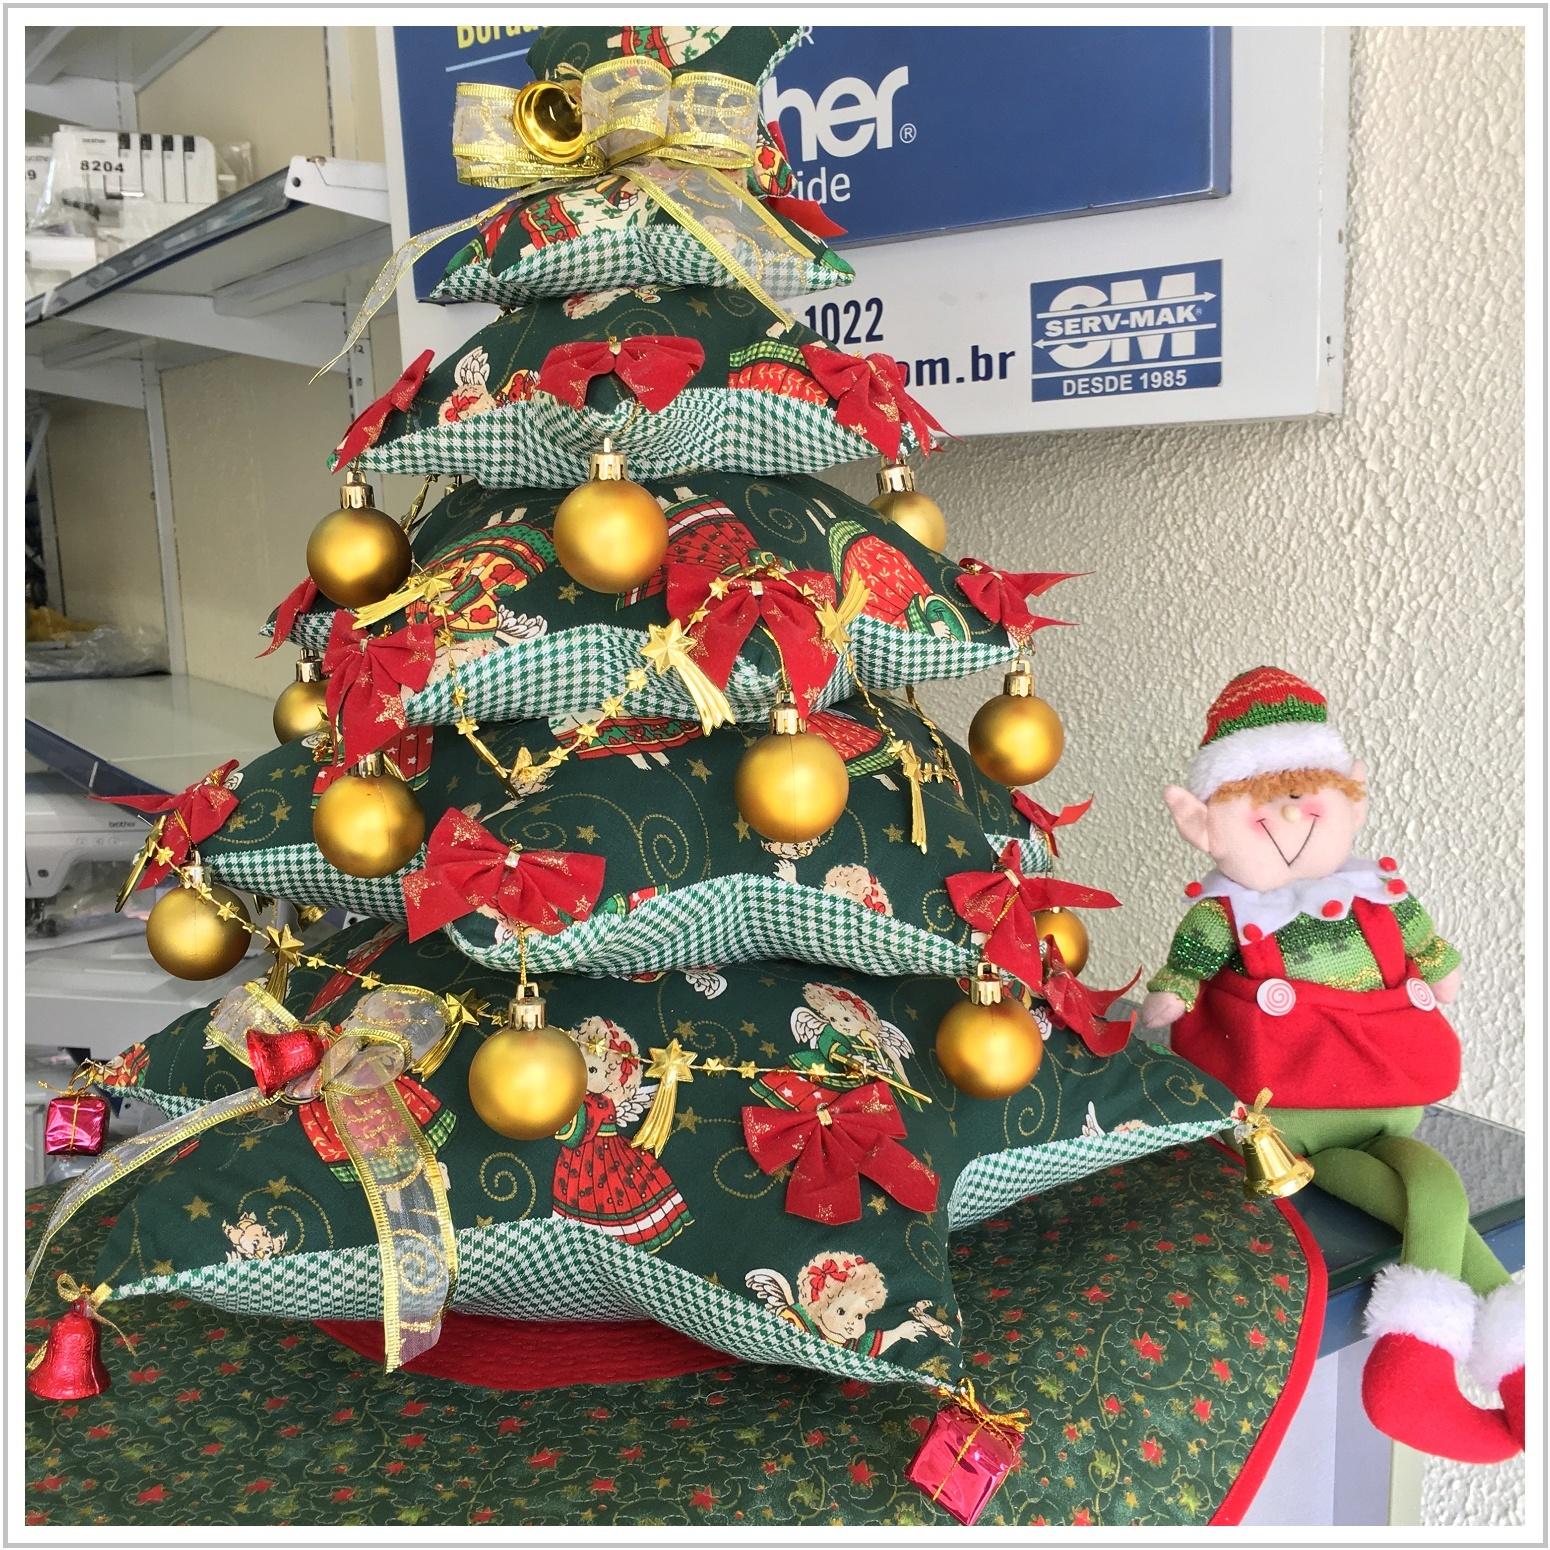 christmasquilt_5_1130.jpg